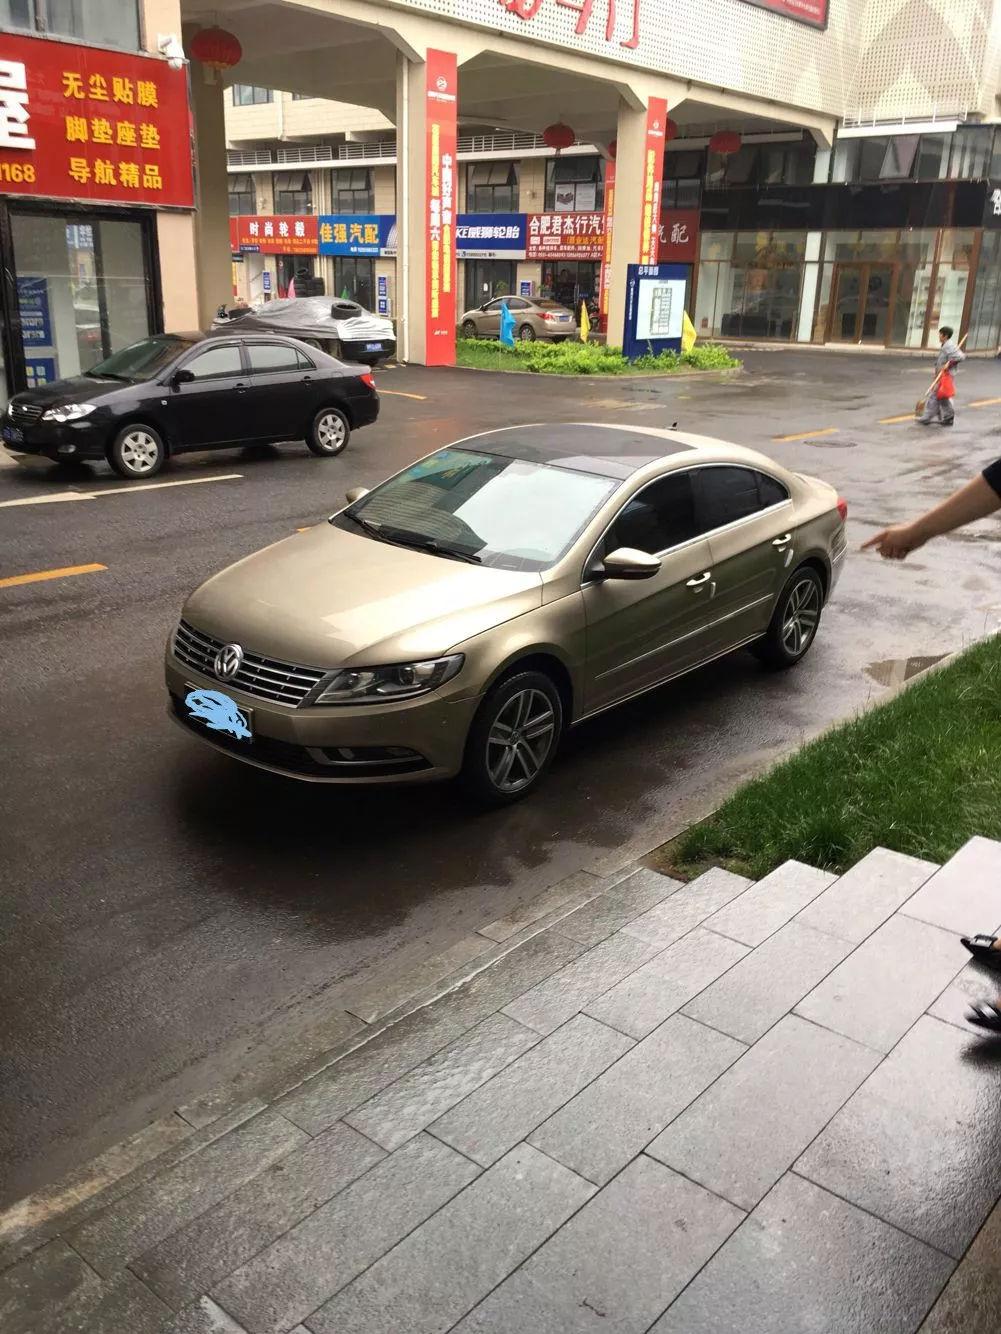 【大众CC检车记】最美大众车,车况美不美?